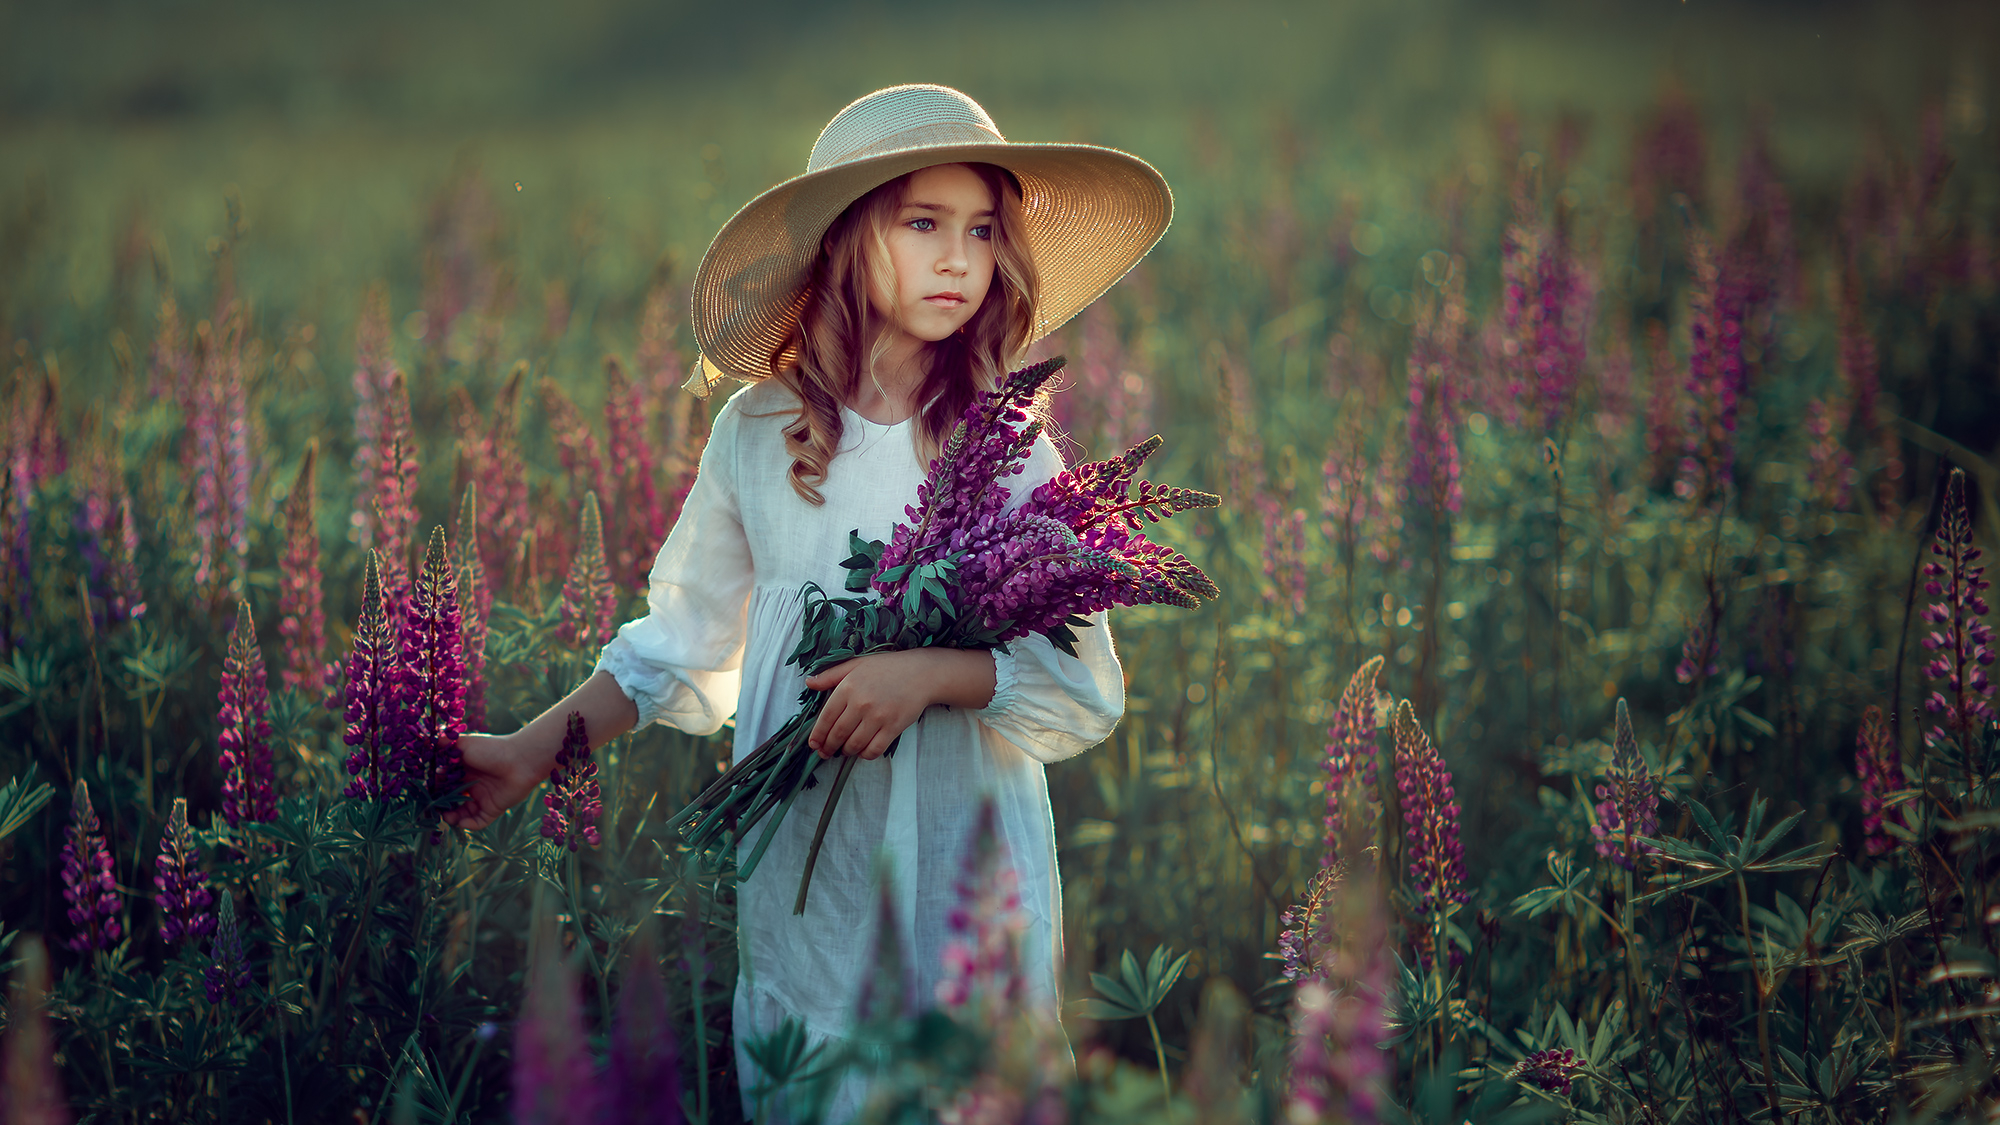 девочка в шляпке с люпинами